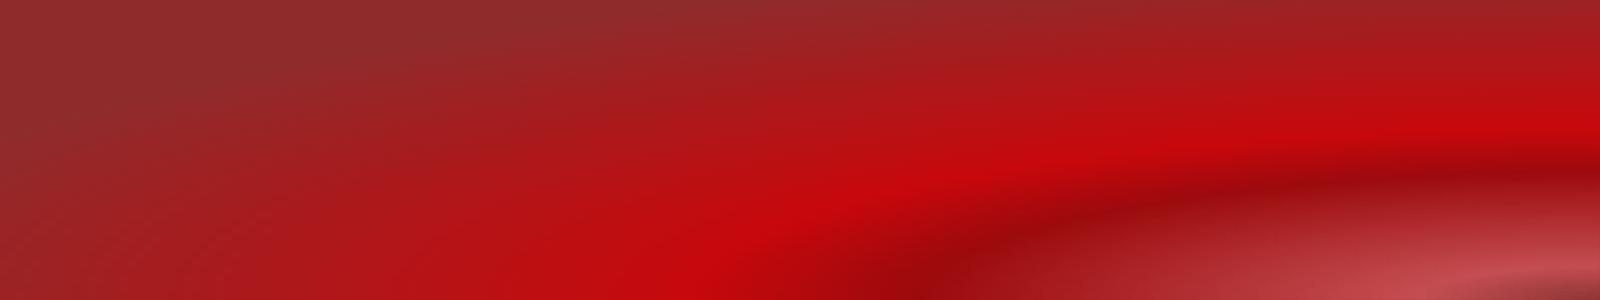 red_sfum